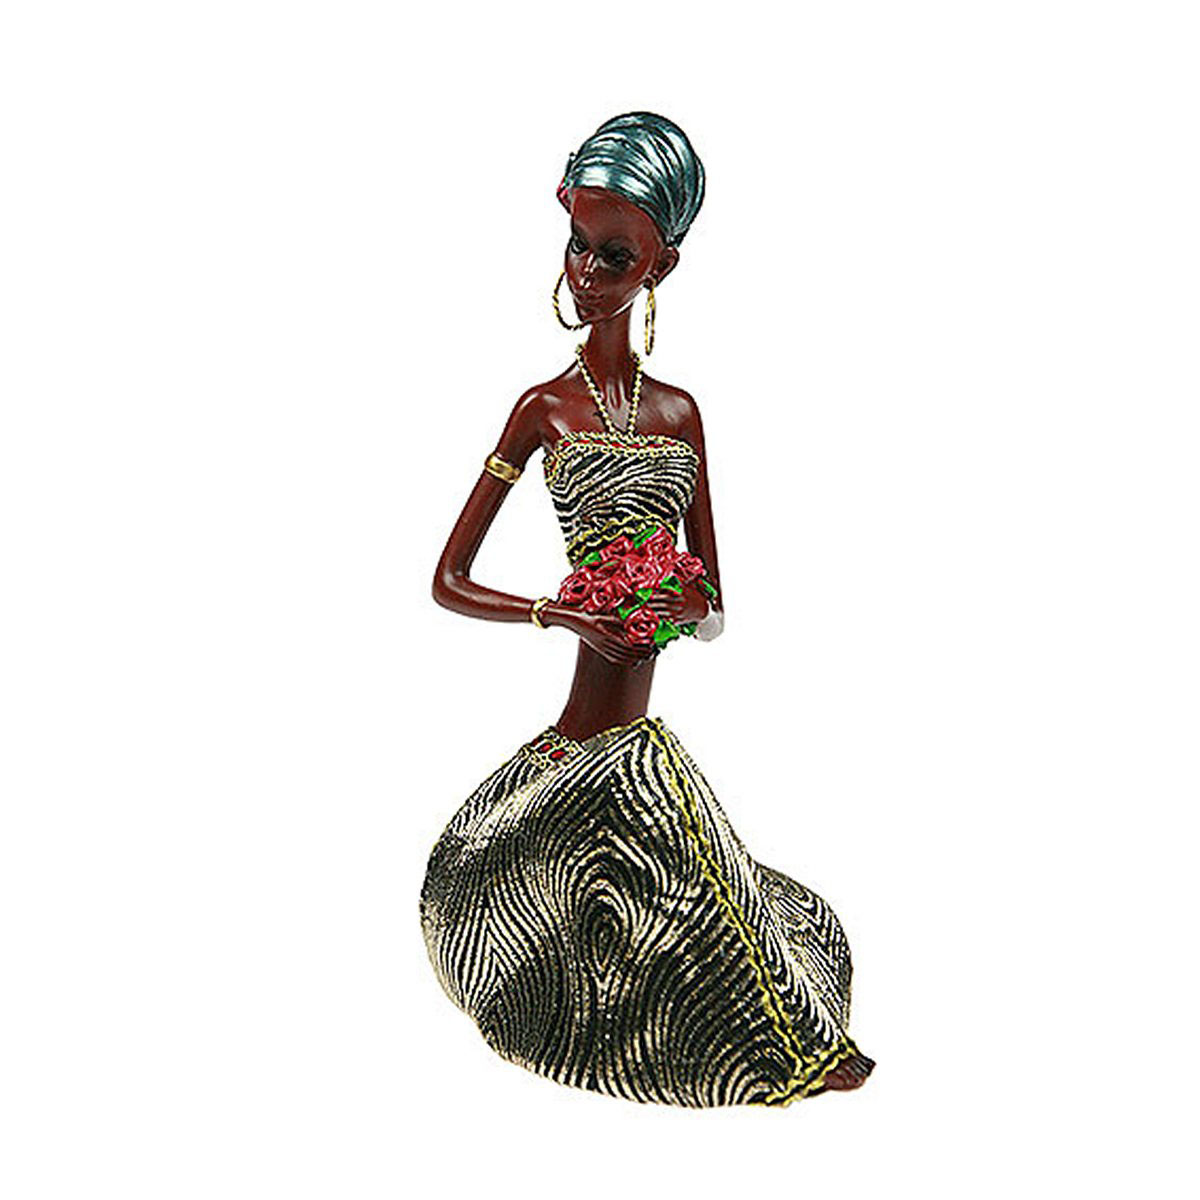 Статуэтка Русские Подарки Африканка, 11 х 15 х 24 смTHN132NСтатуэтка Русские Подарки Африканка, изготовленная из полистоуна, имеет изысканный внешний вид. Изделие станет прекрасным украшением интерьера гостиной, офиса или дома. Вы можете поставить статуэтку в любое место, где она будет удачно смотреться и радовать глаз. Правила ухода: регулярно вытирать пыль сухой, мягкой тканью.